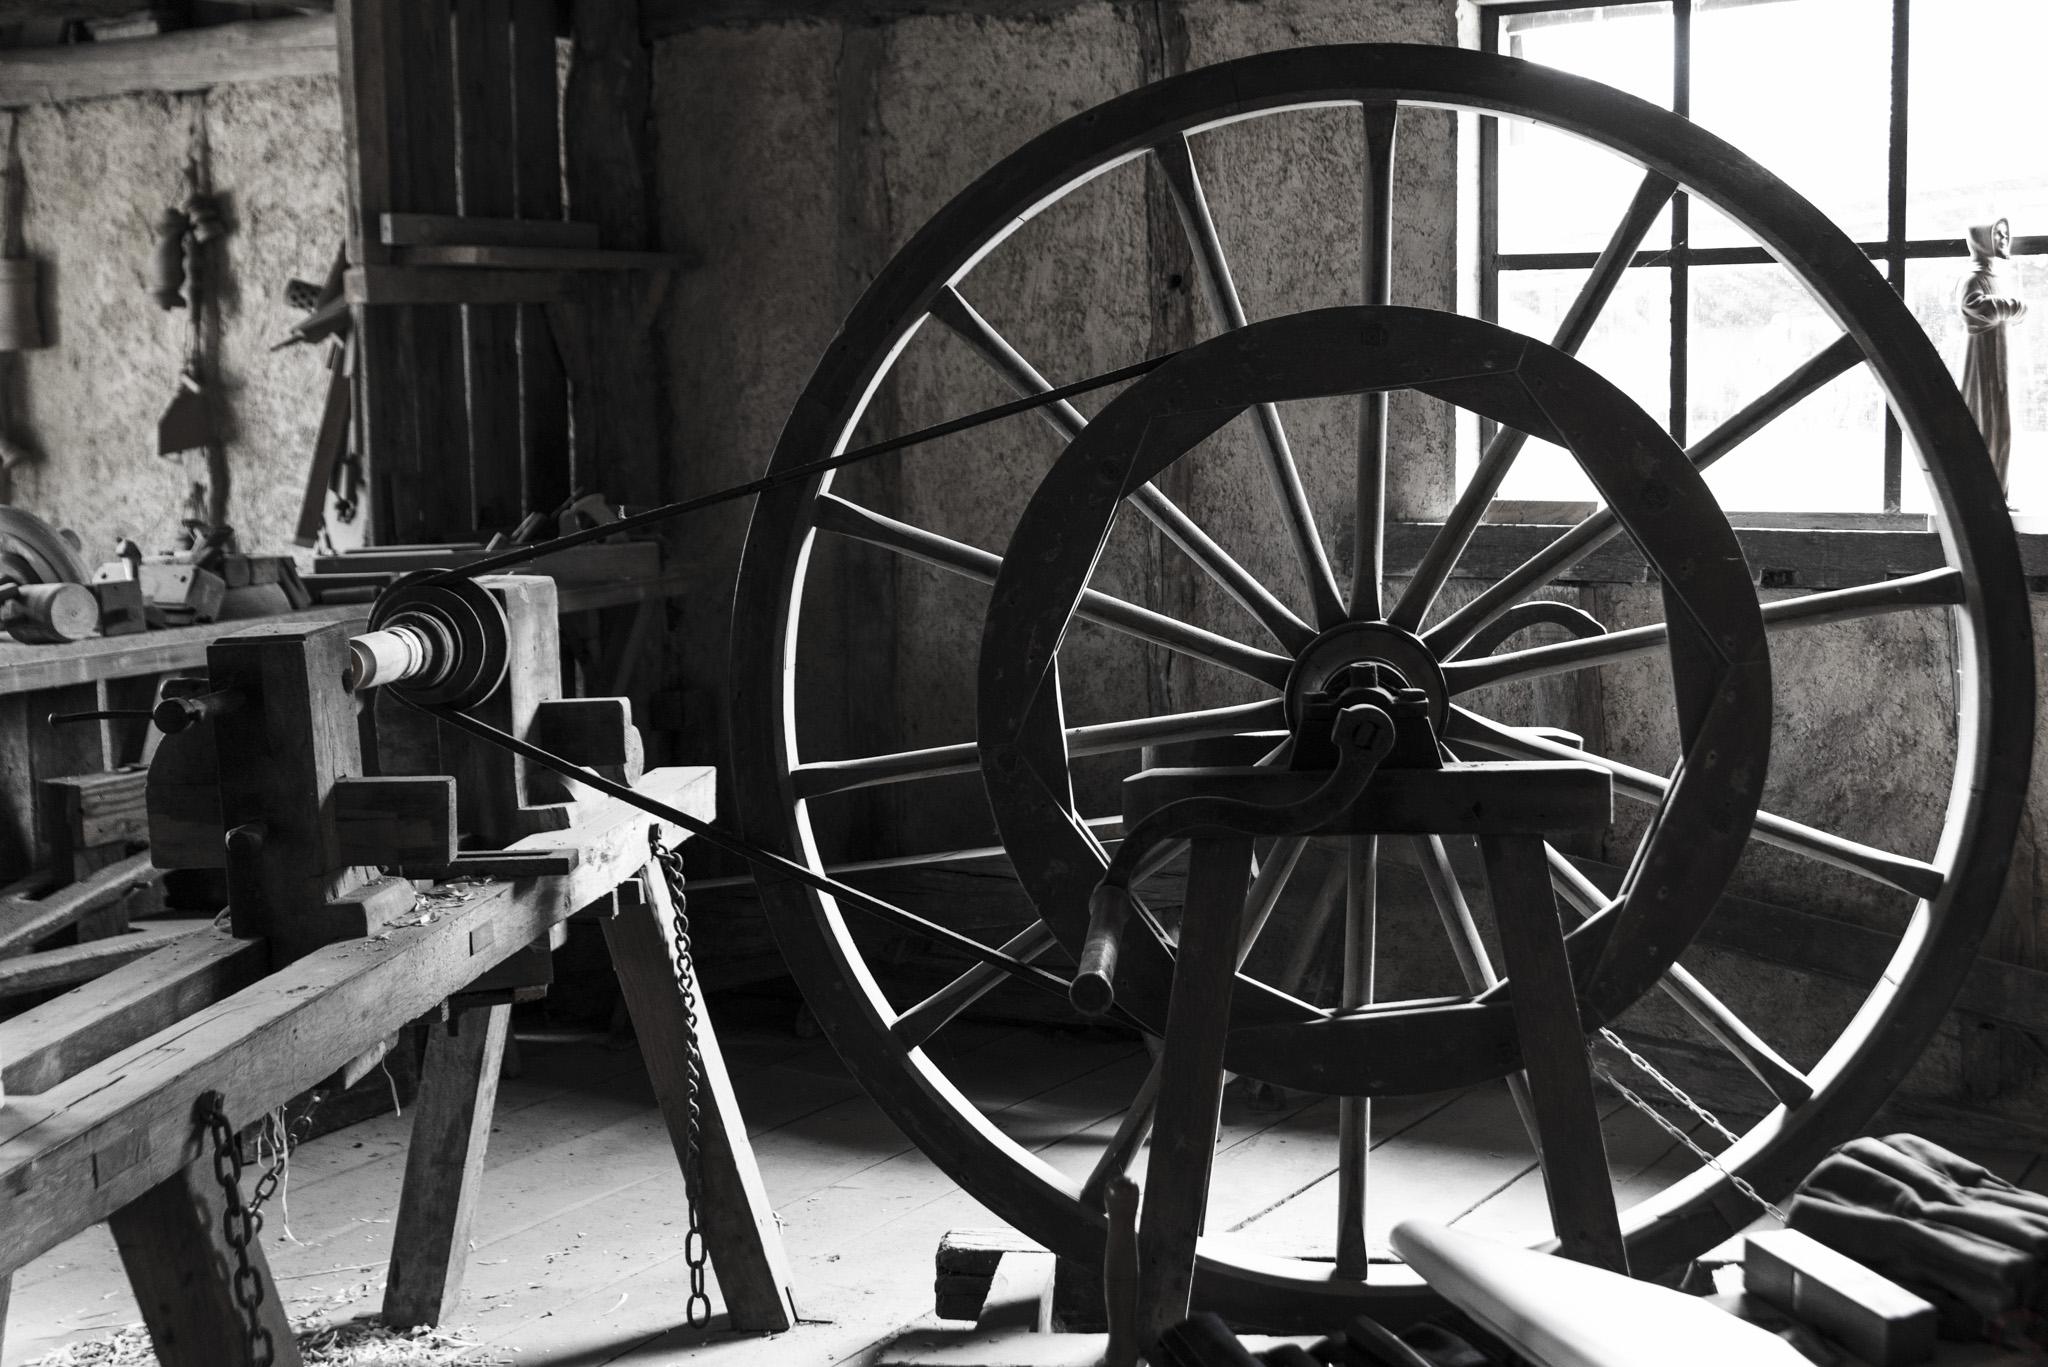 Photographe Reportage Illustration Reims, shooting photo des vieux Métiers, Tournage du bois avec roue et couroie en cuir